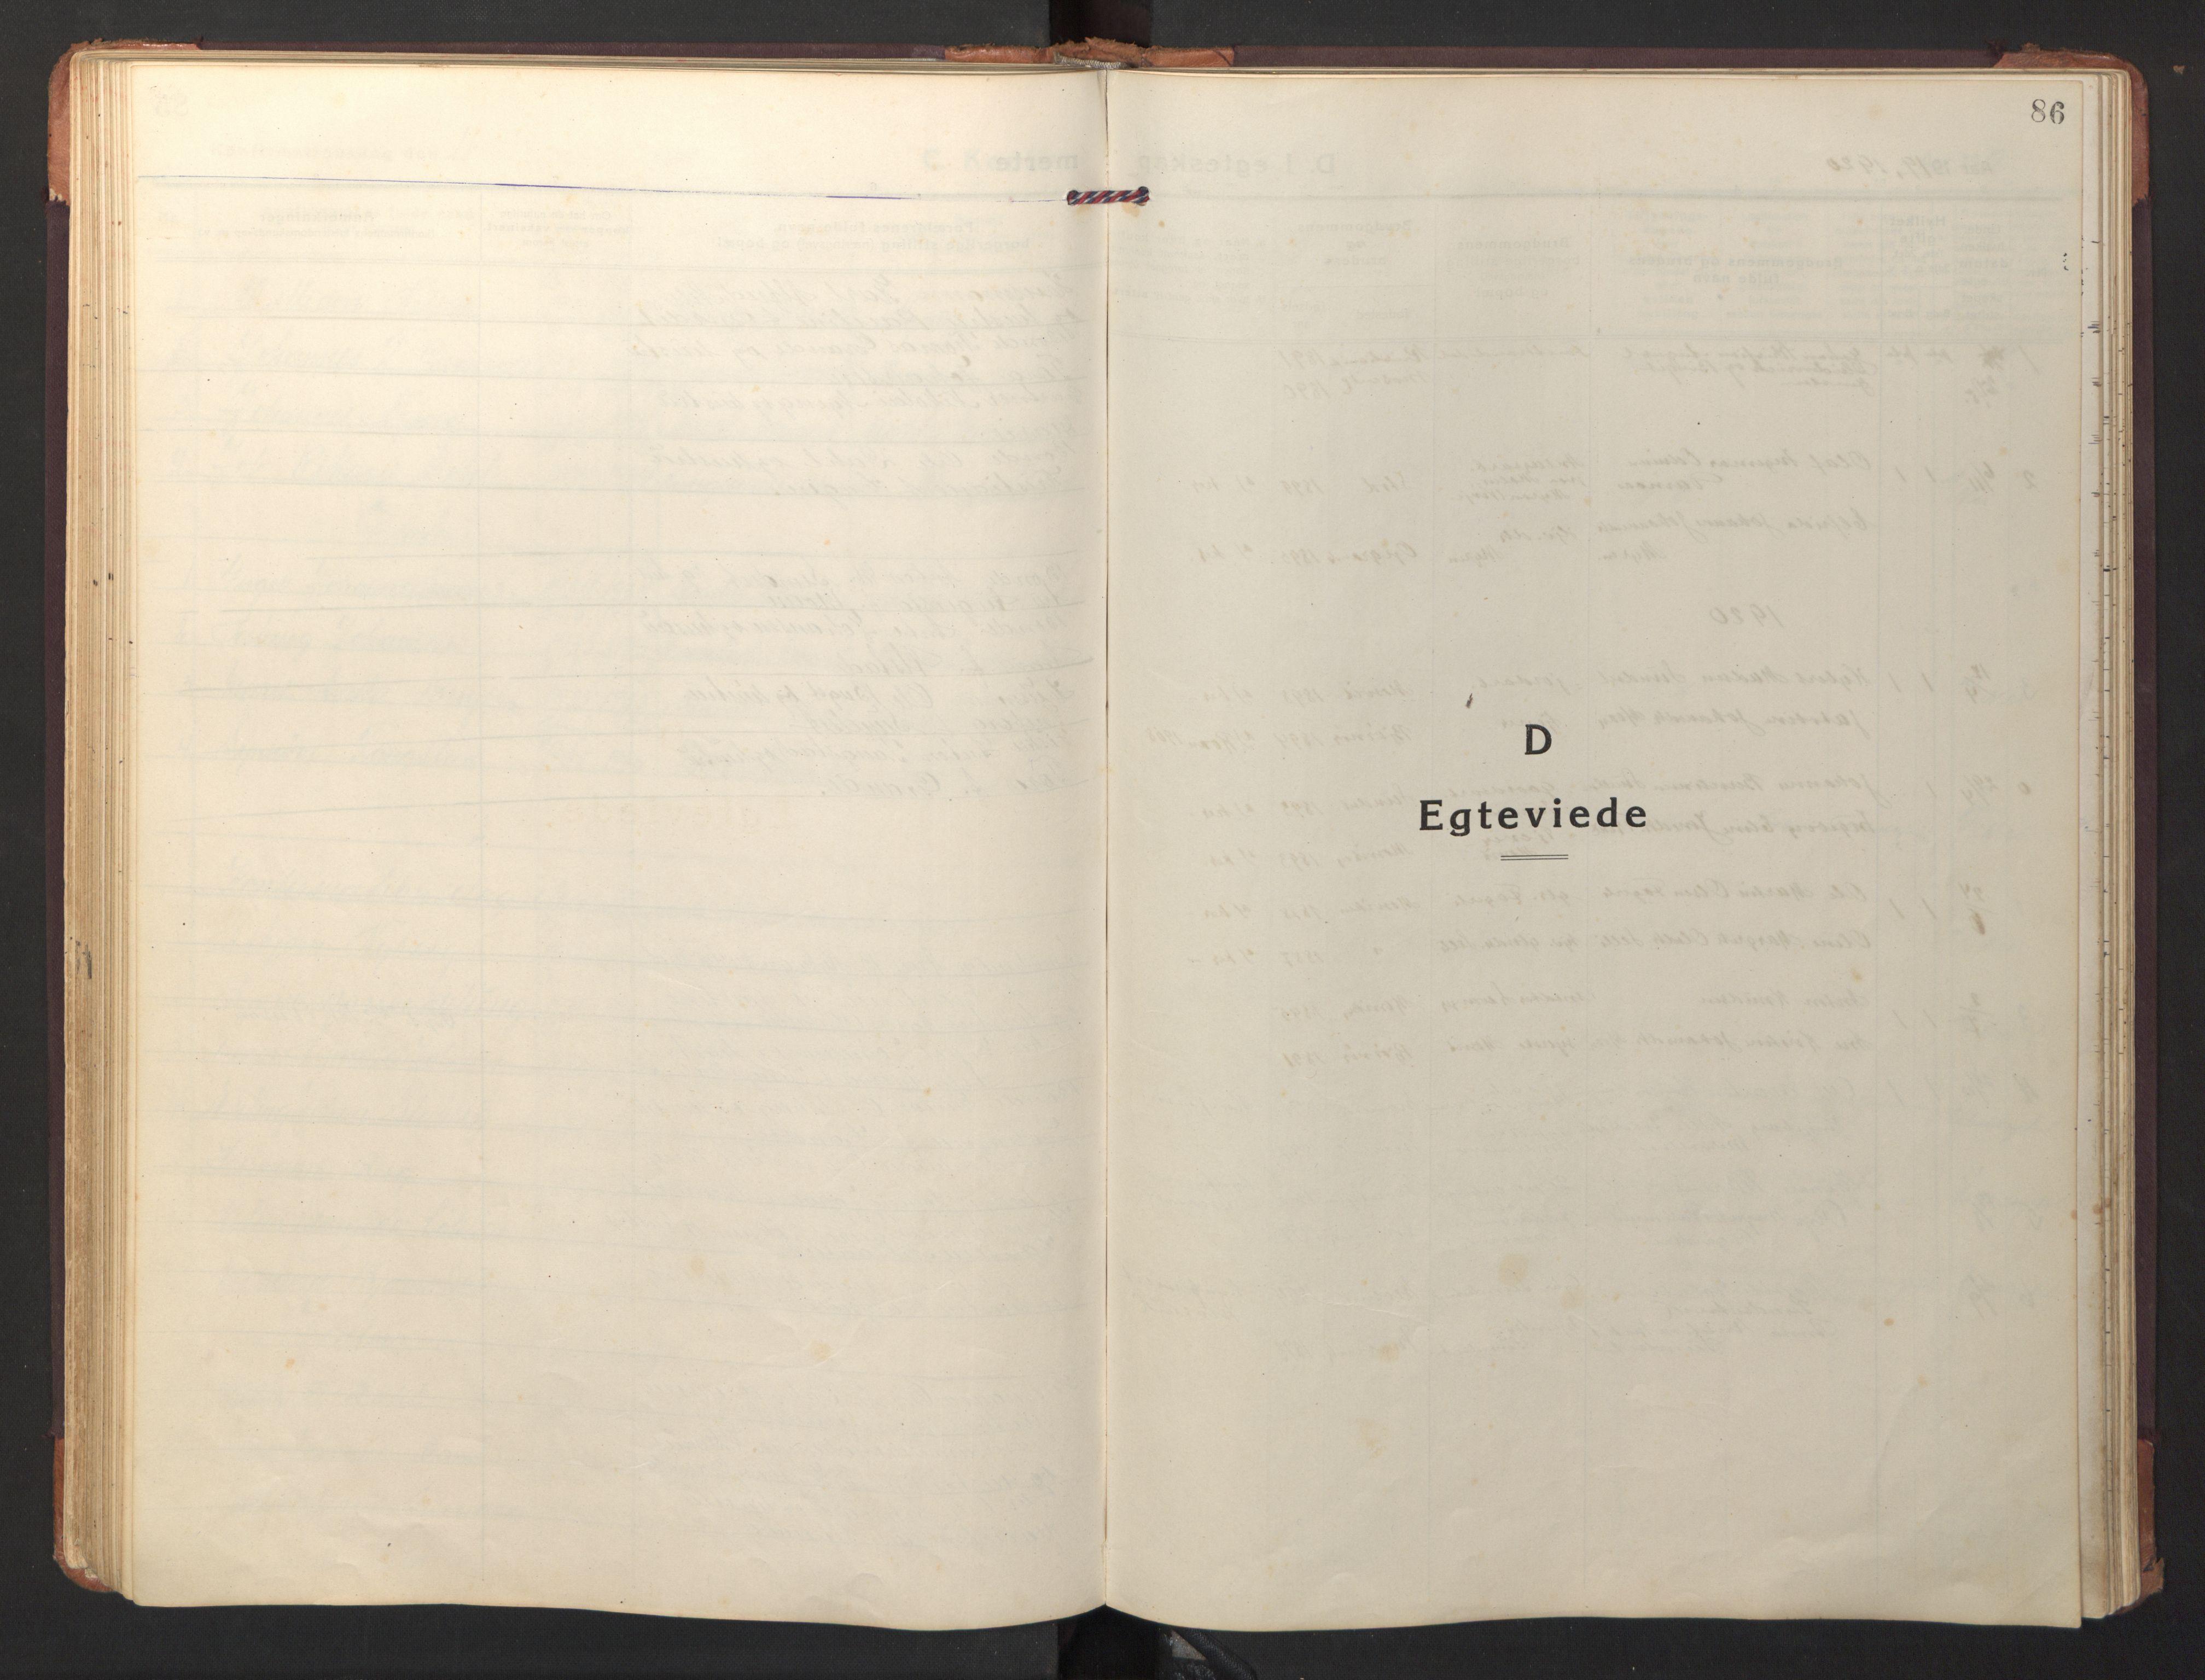 SAT, Ministerialprotokoller, klokkerbøker og fødselsregistre - Nord-Trøndelag, 733/L0328: Klokkerbok nr. 733C03, 1919-1966, s. 86